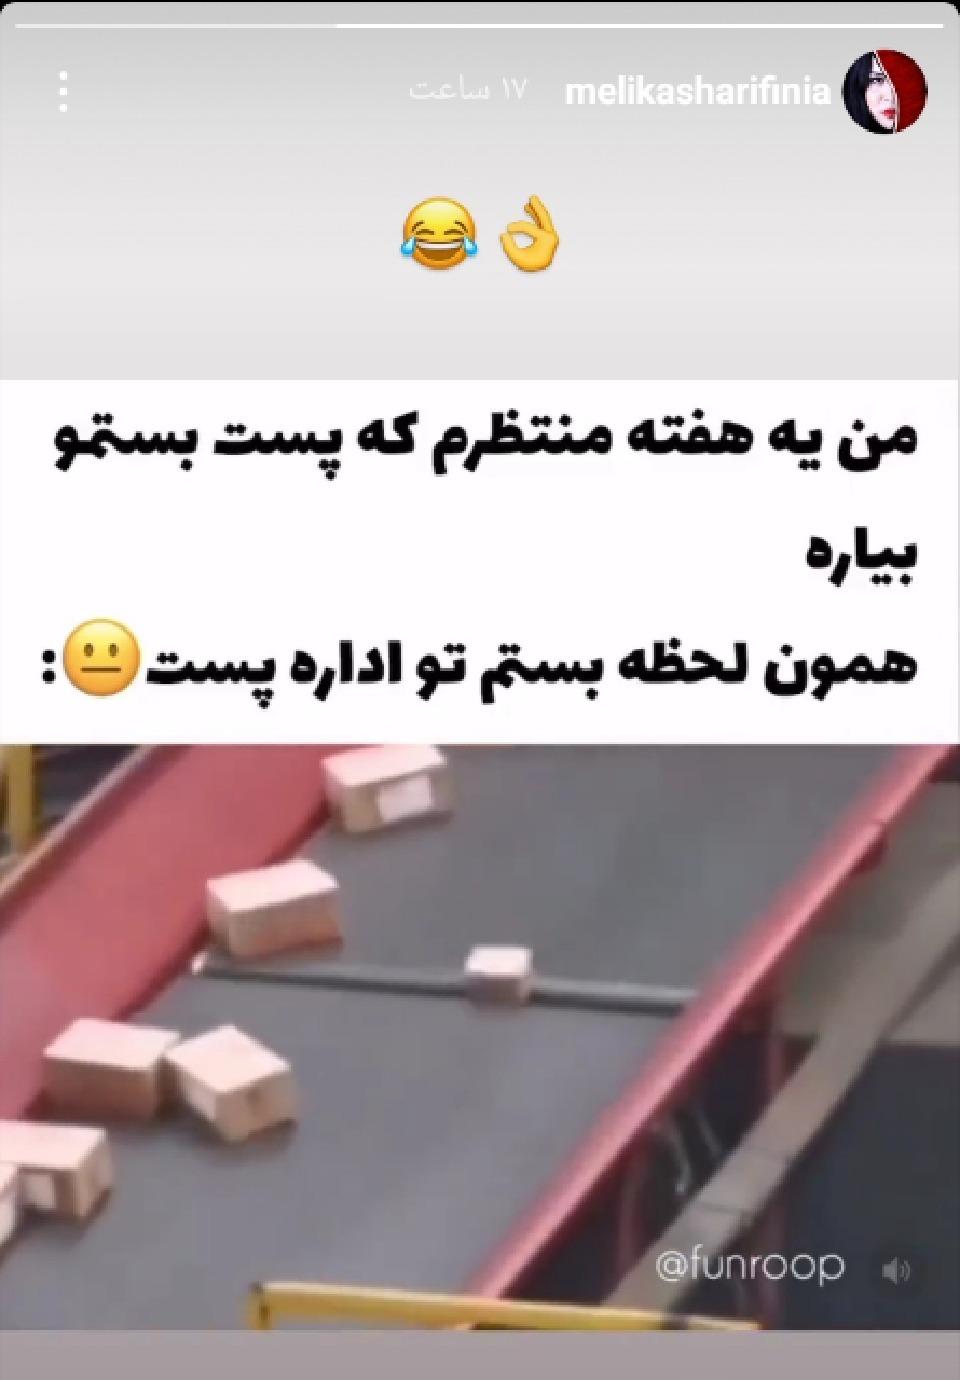 استوری طنز ملیکا شریفی نیا